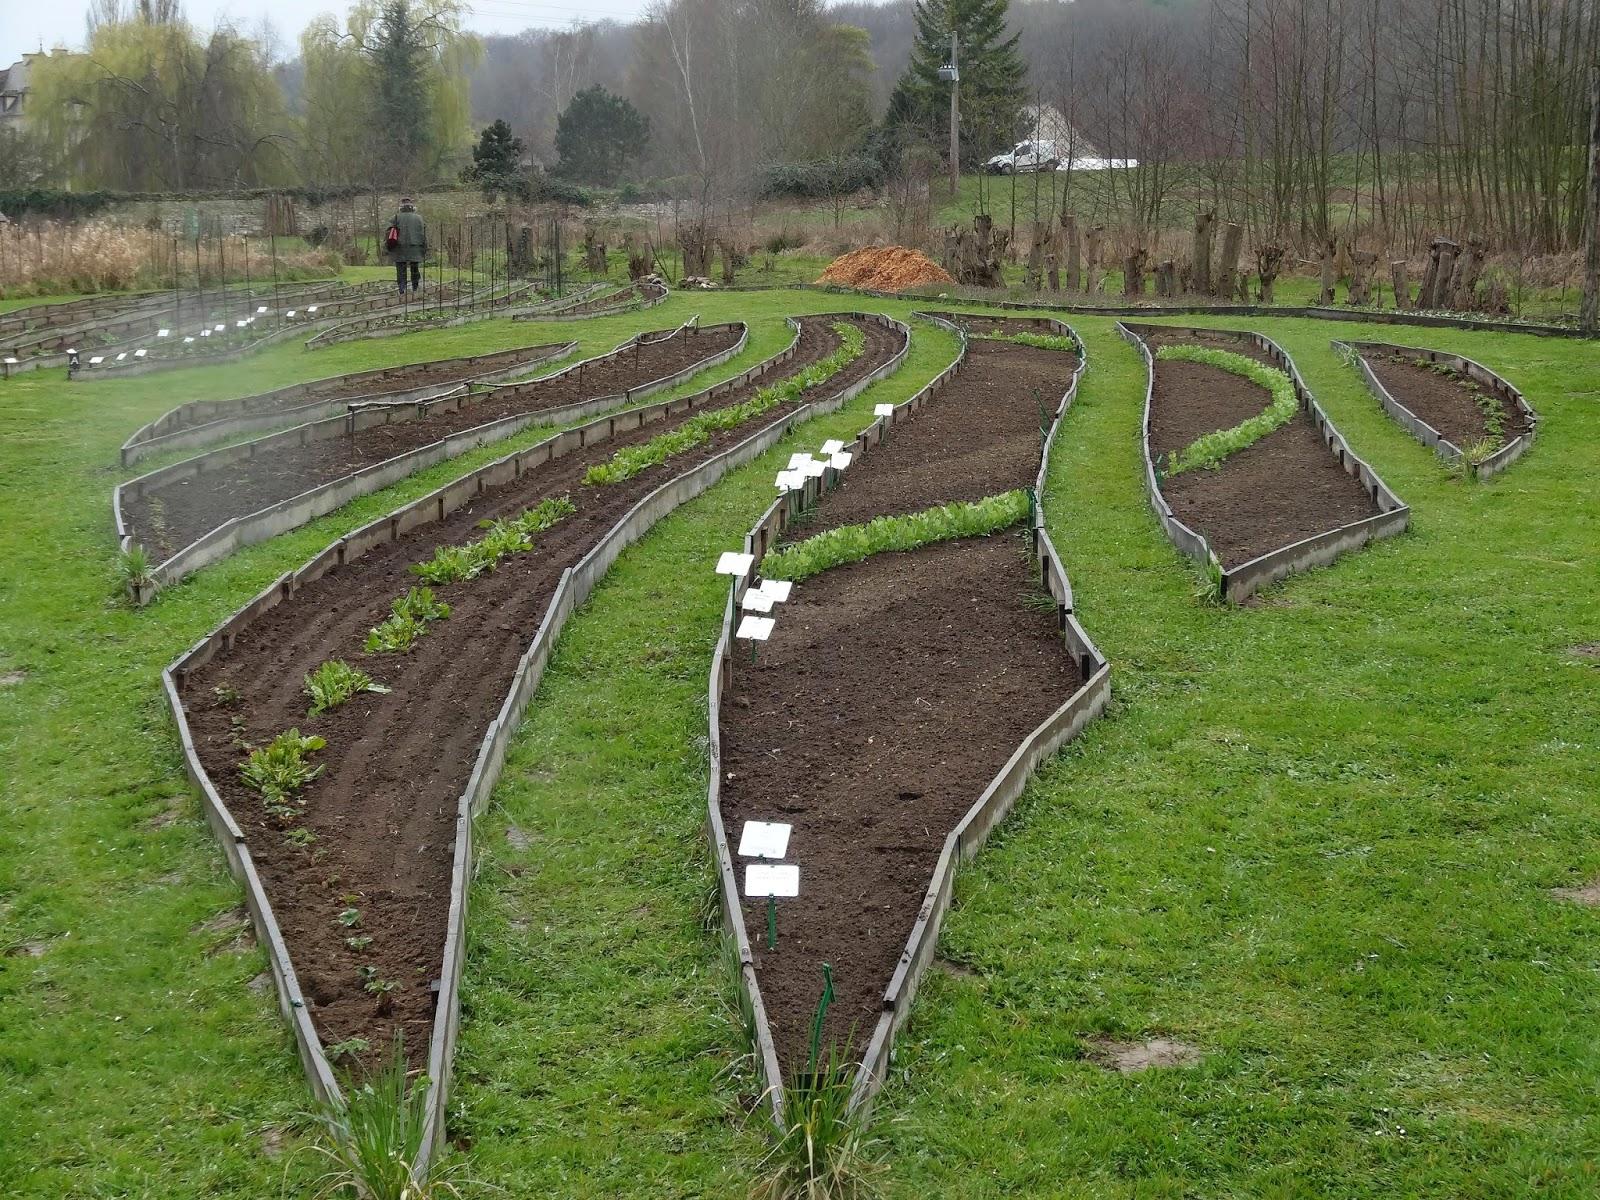 Le blog de parcs et jardins de l 39 oise mars 2014 - Comment cuire les petit pois du jardin ...